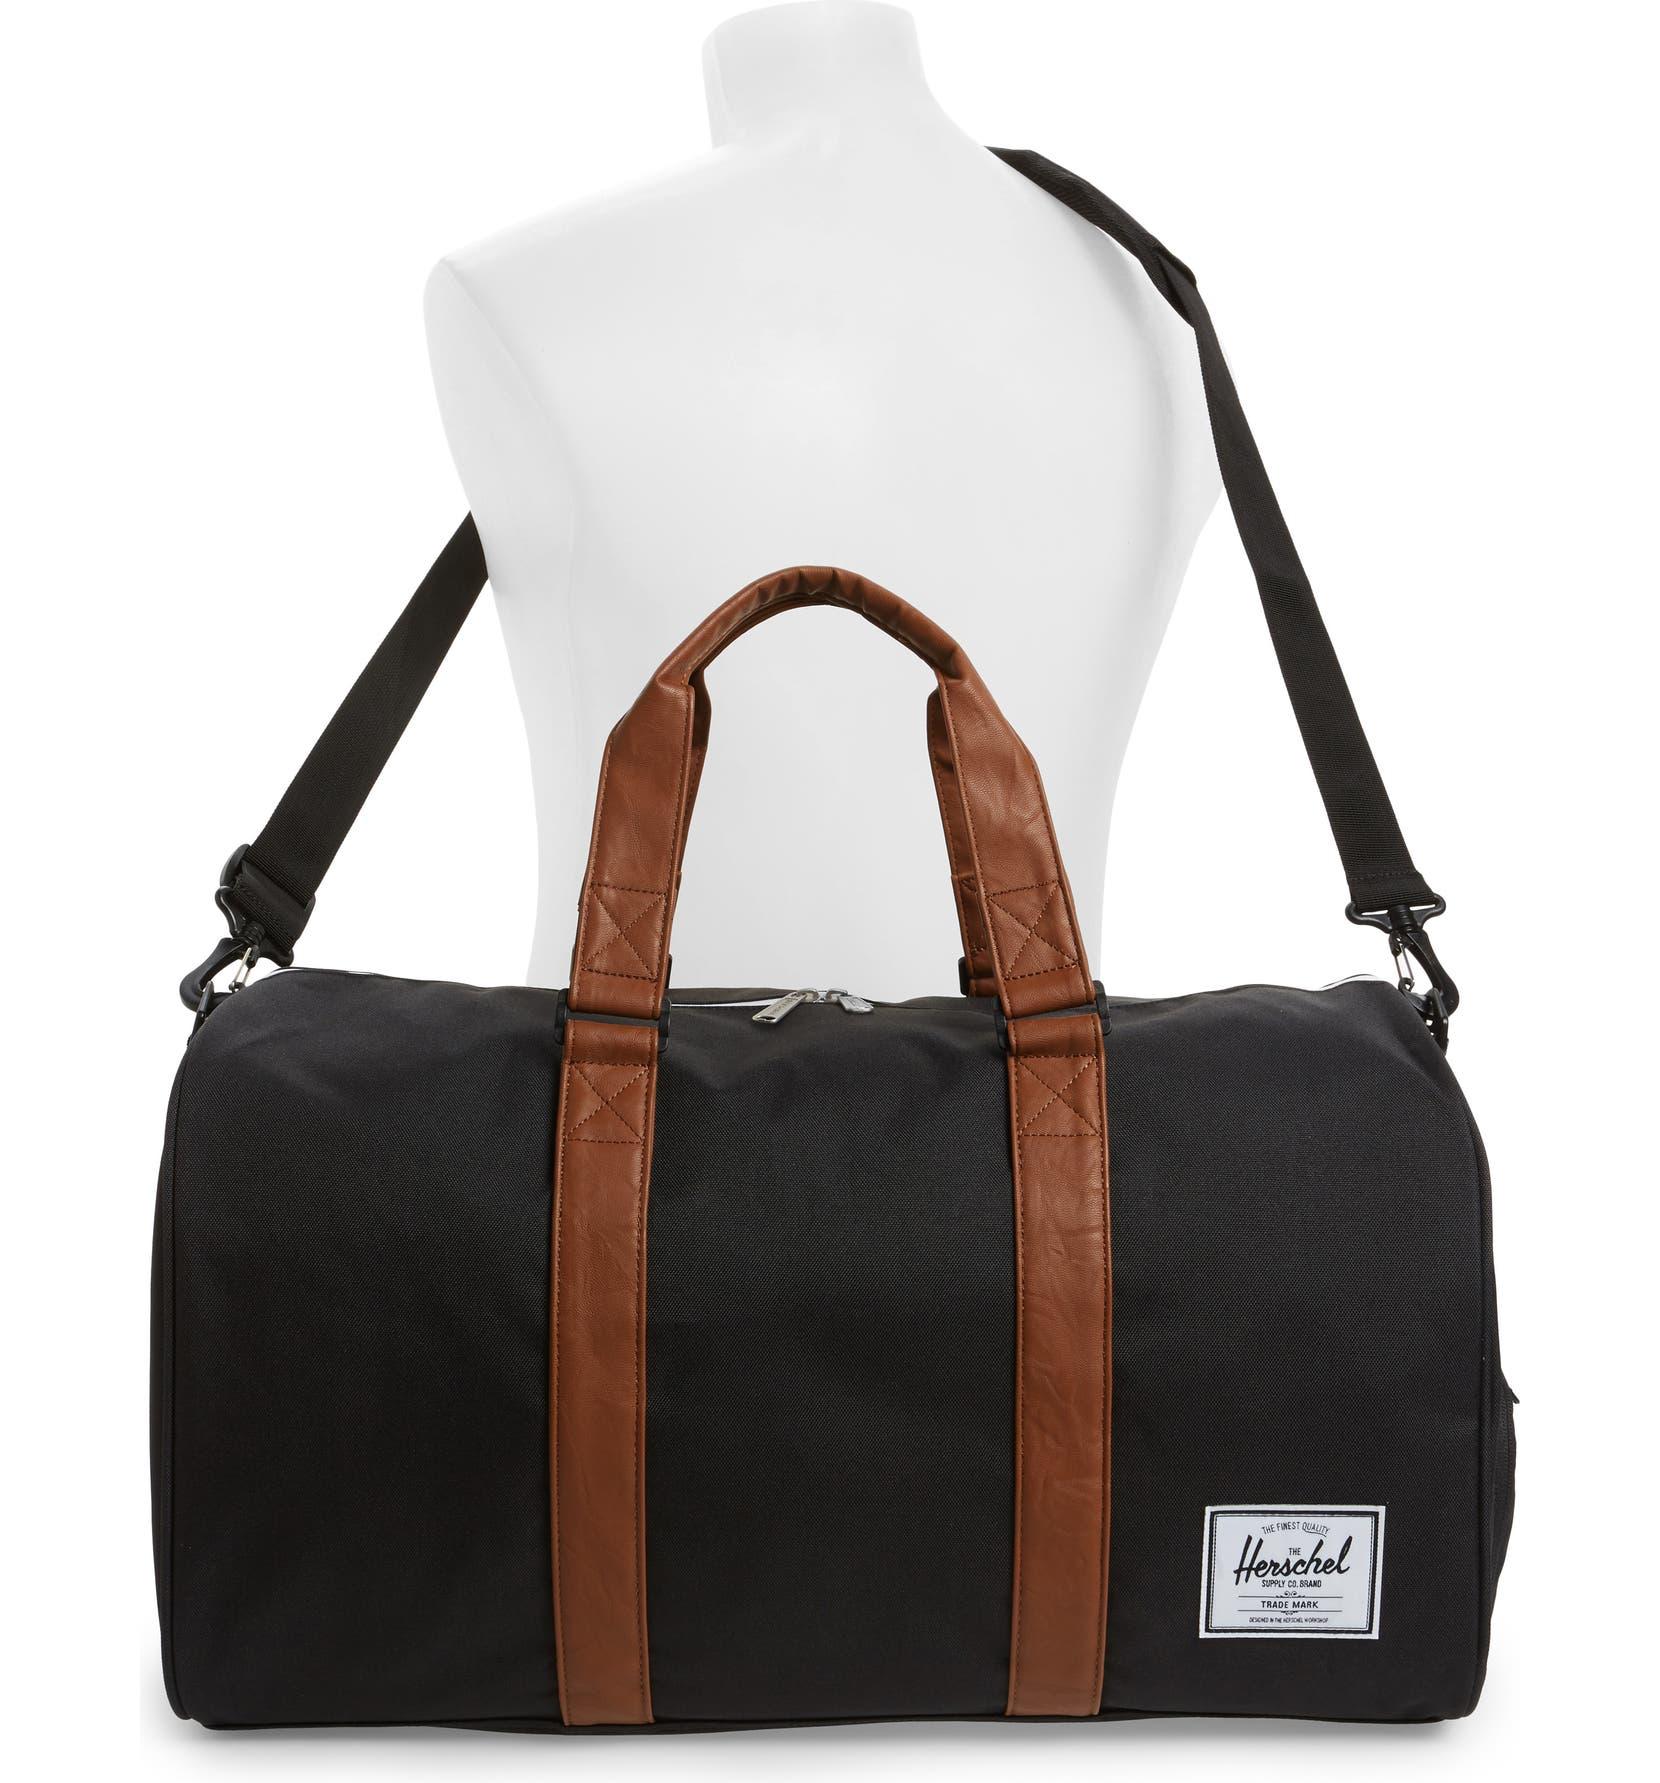 63146ebffe Herschel Supply Co. Novel Duffel Bag